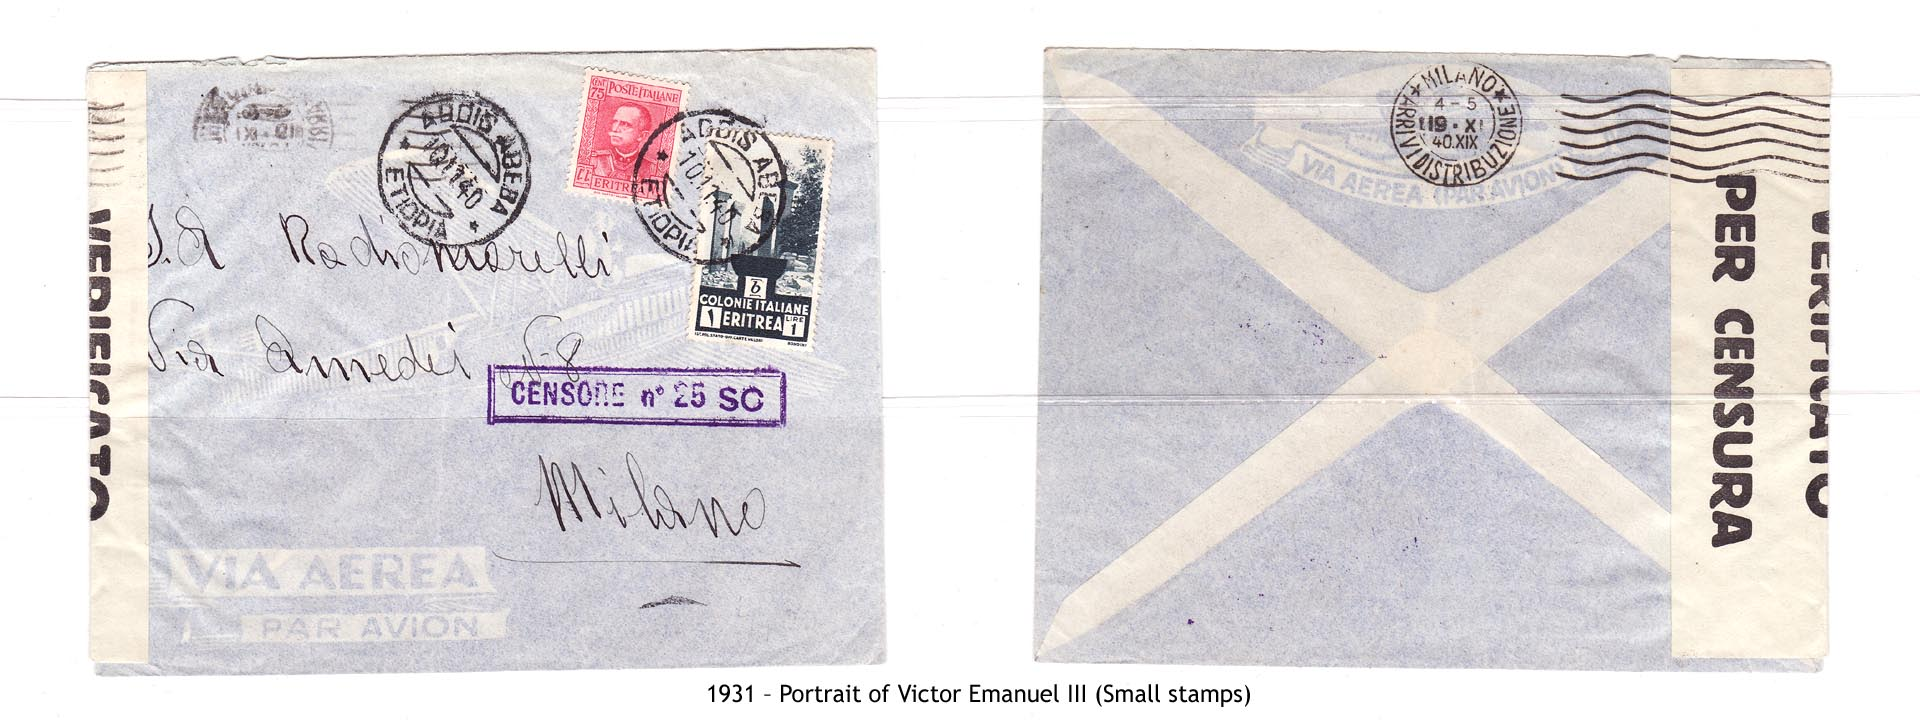 1931 – Eritrea Portrait of Victor Emanuel III (Small stamps)